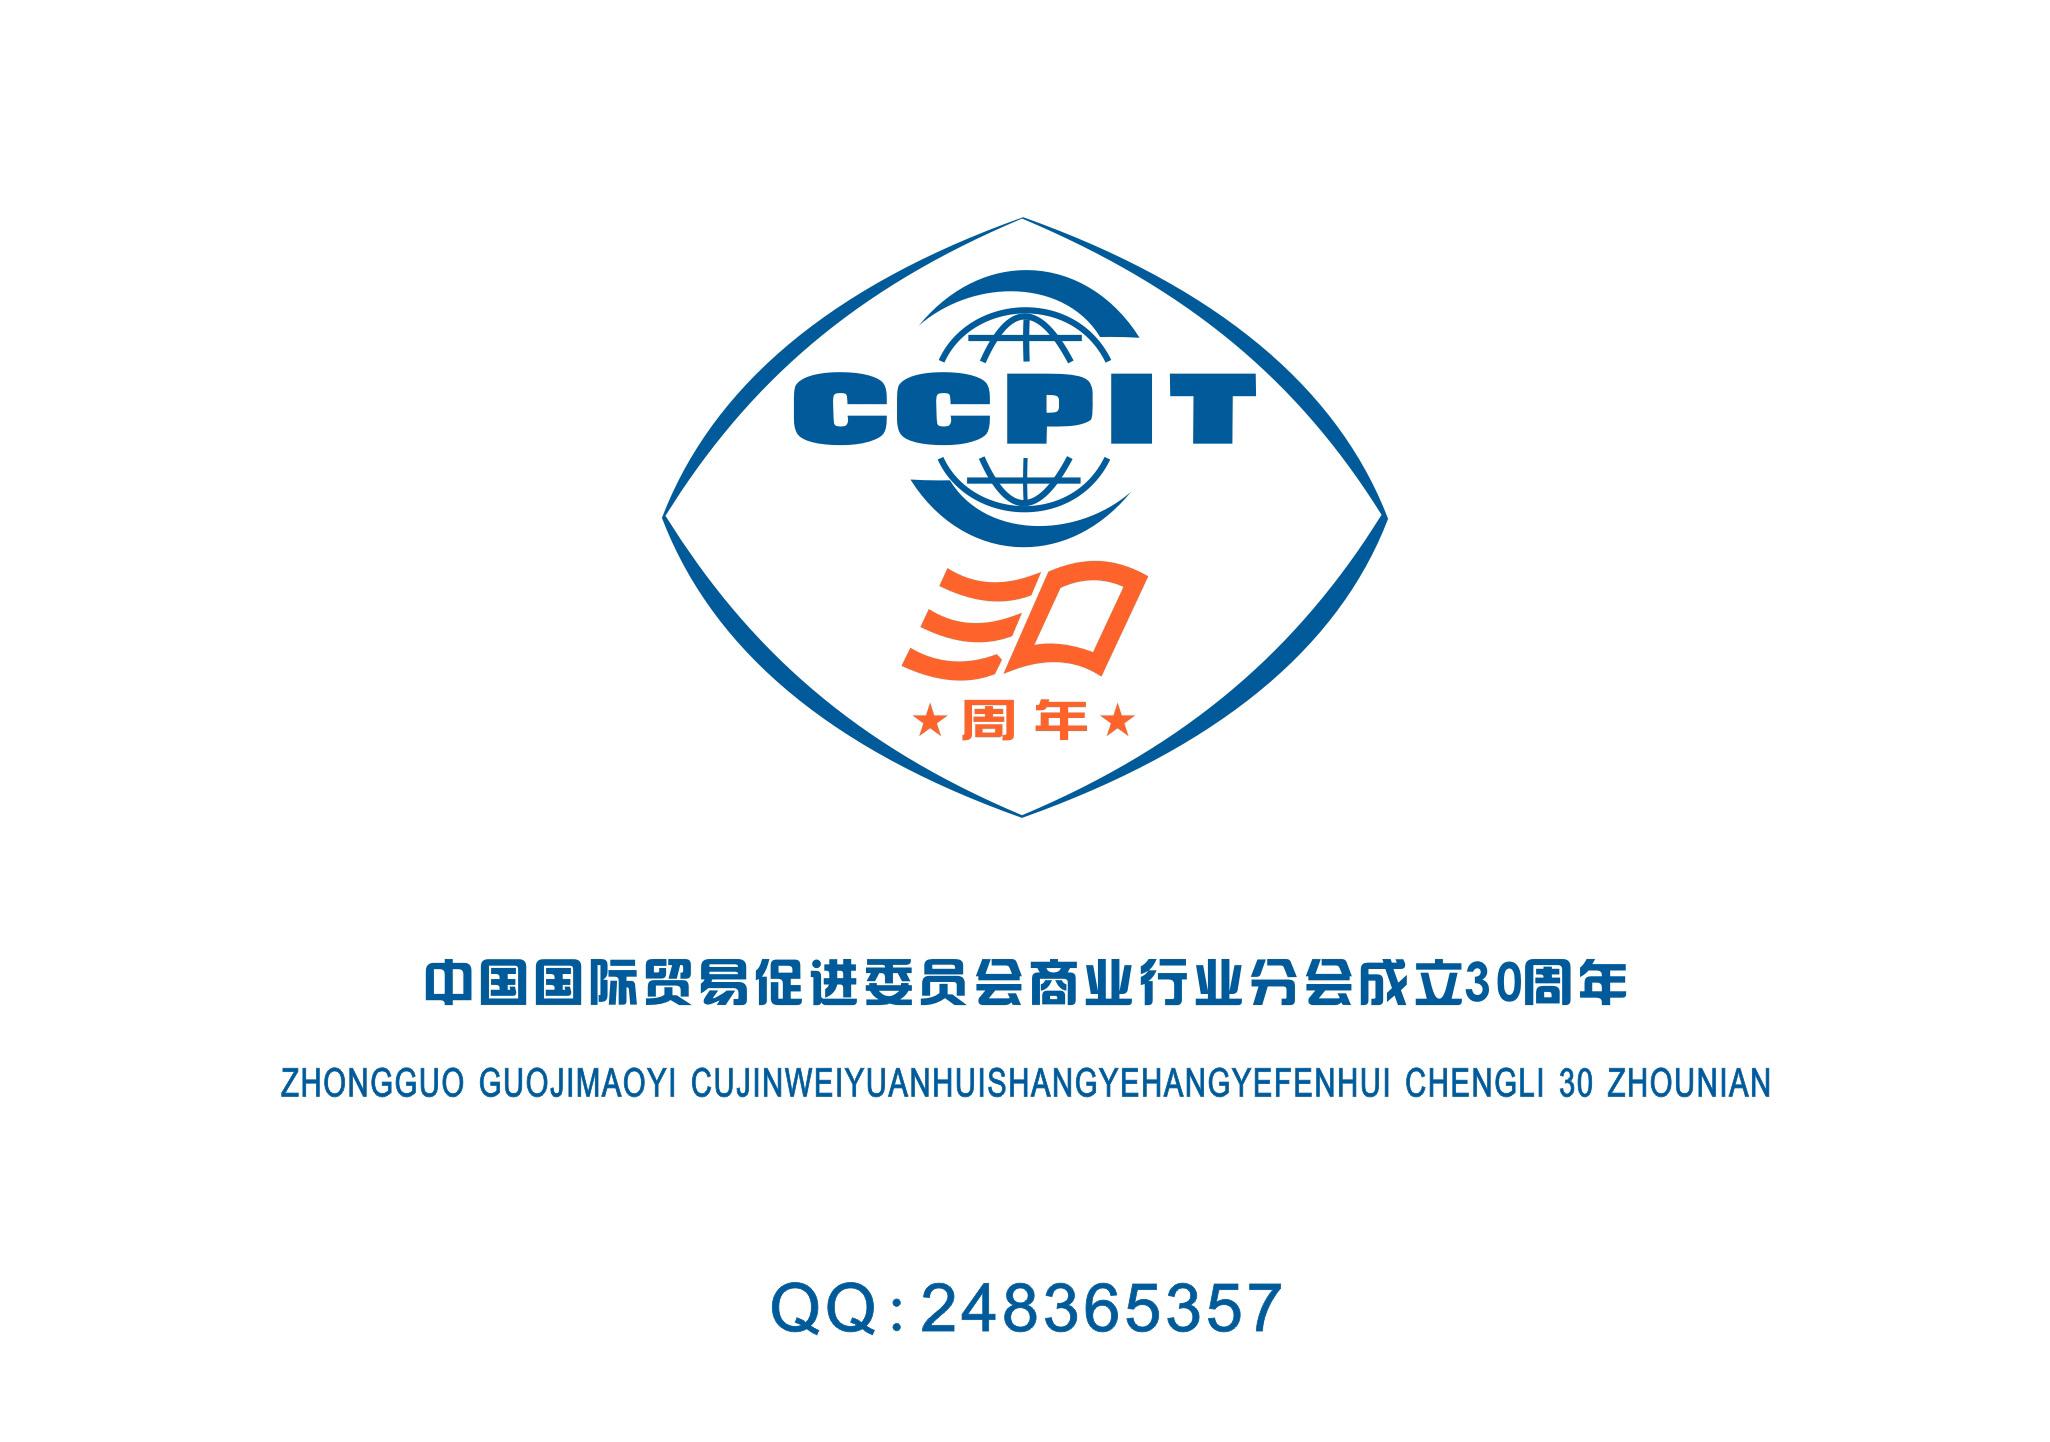 中国贸促会商业行业分会30周年logo_2958148_k68威客网